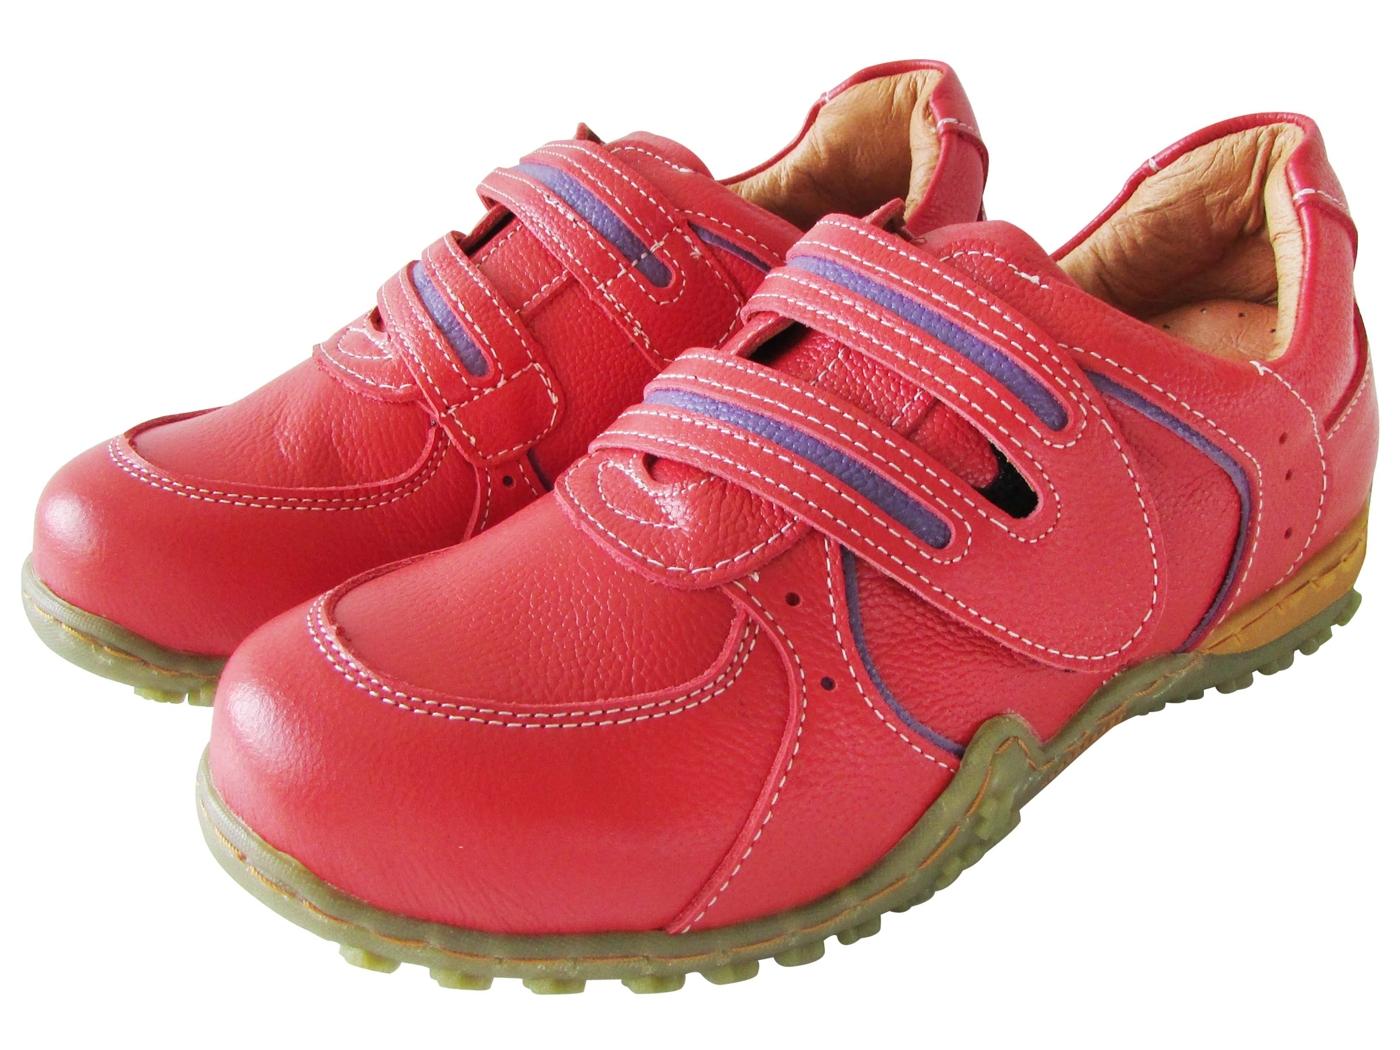 雙惠鞋櫃路豹Zobr雙配色基本款女牛皮休閒鞋台灣製造B5706紅